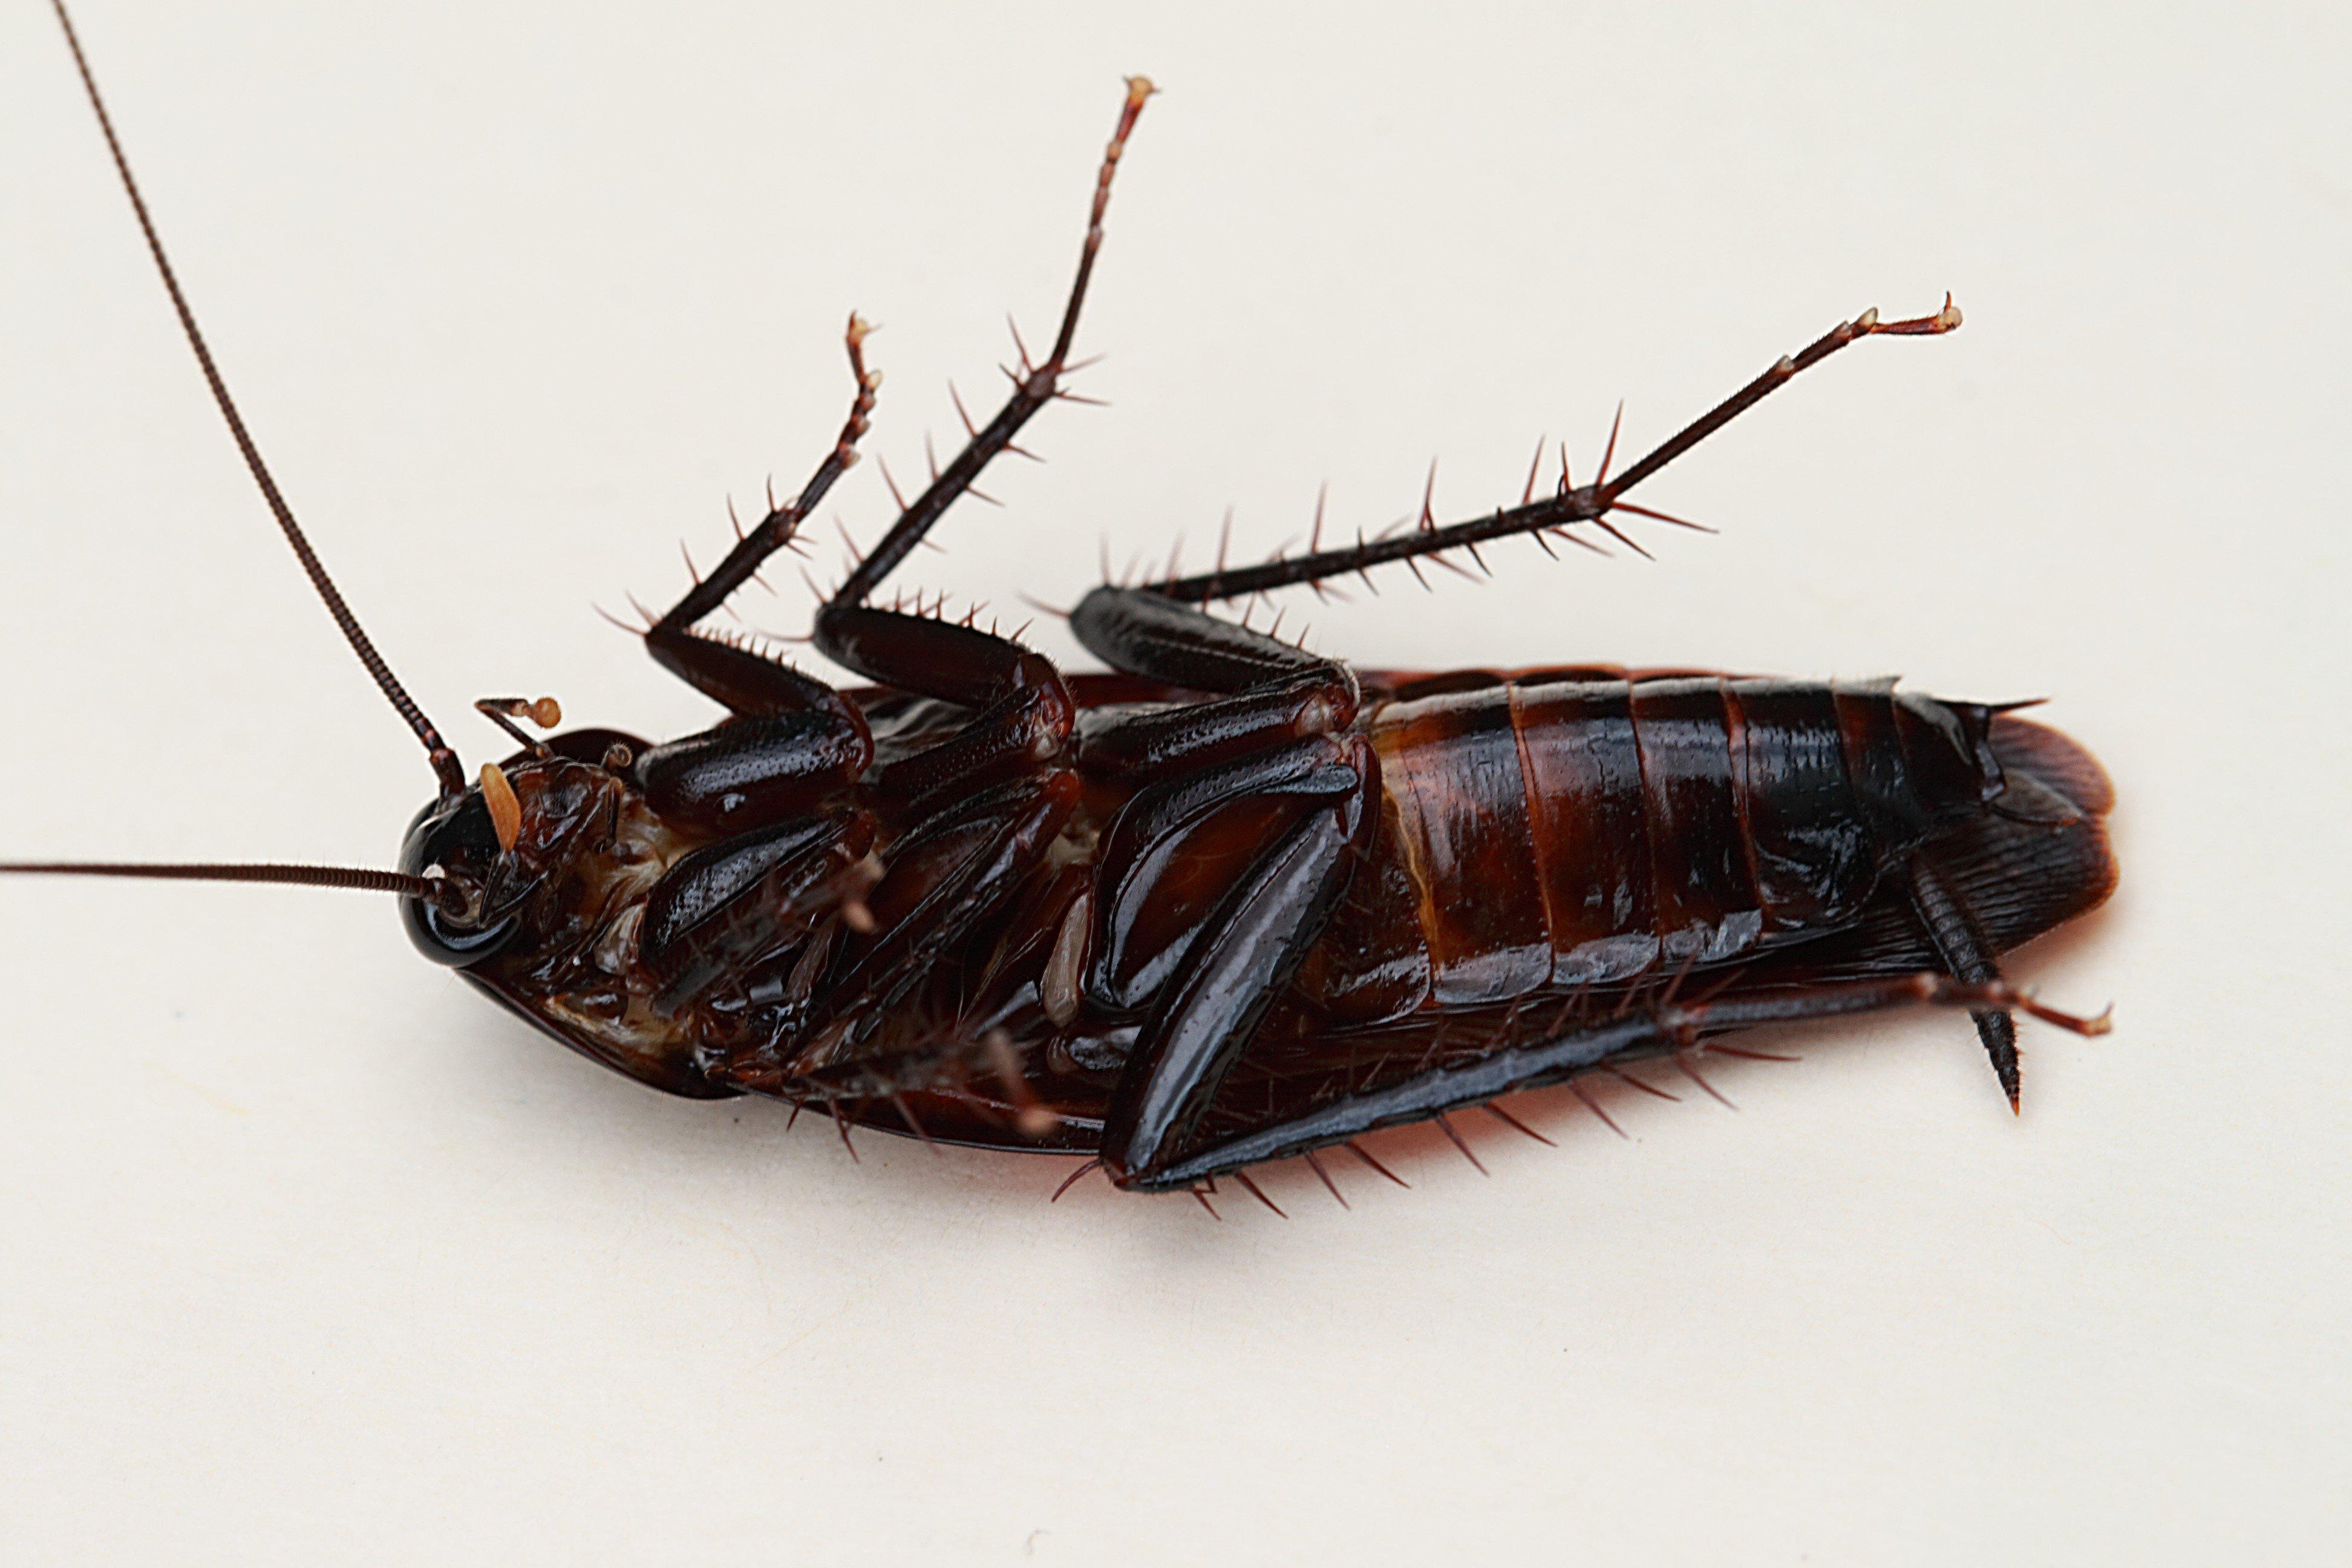 Cockroach HD